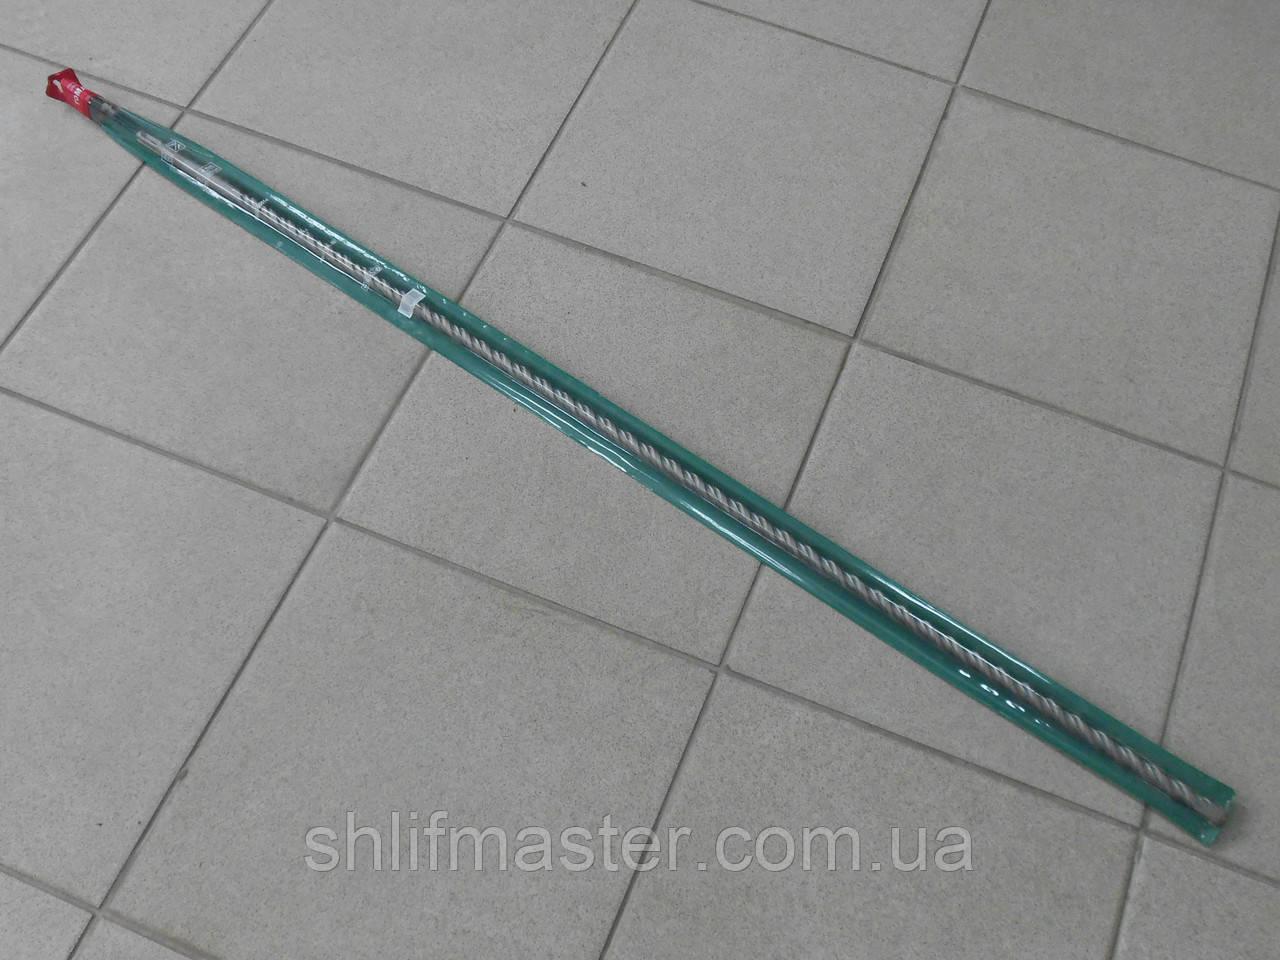 Бур (сверло) по бетону SDS plus Tomax 14х800 мм